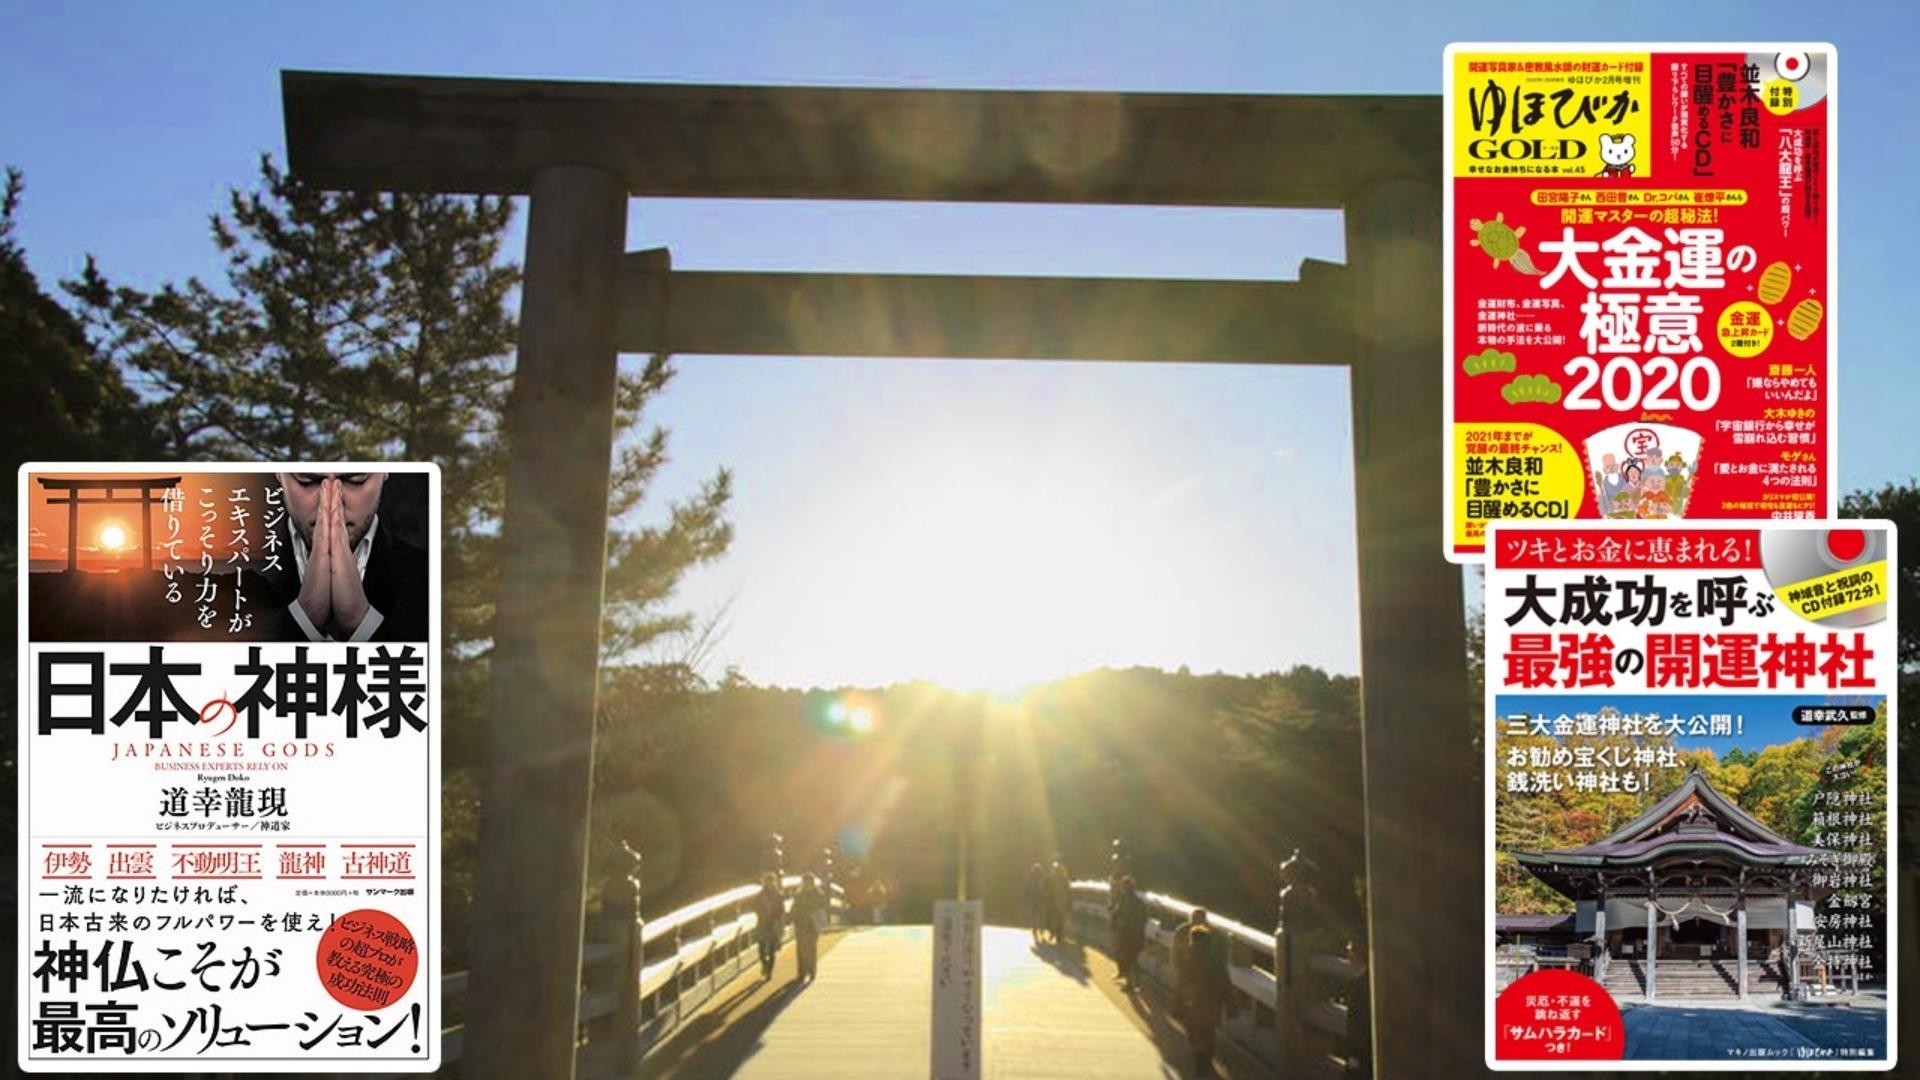 20.7.13【神道編】第15回 神仏融合 般若心経と前経